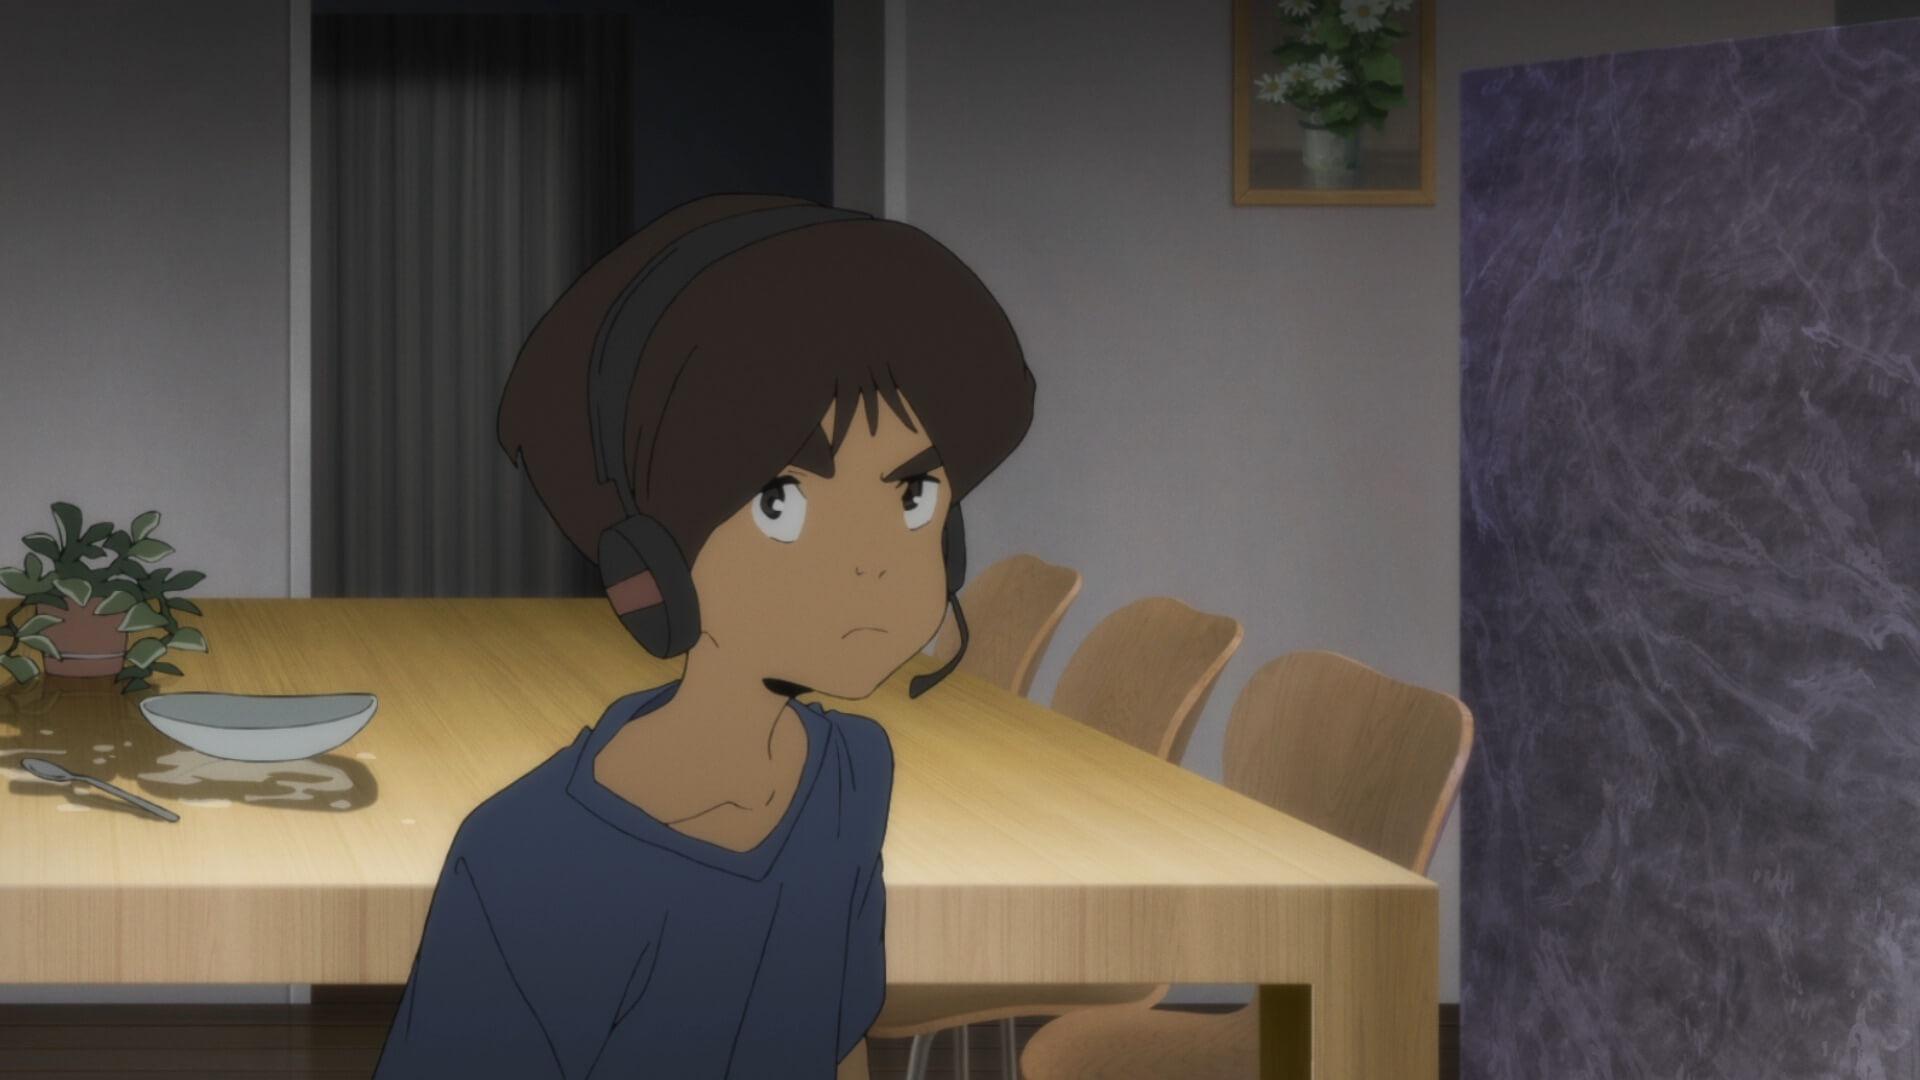 日本が沈没したのちの運命とは?Netflix『日本沈没2020』の本予告&豪華声優陣が解禁 film200529_nihonchimbotsu_5